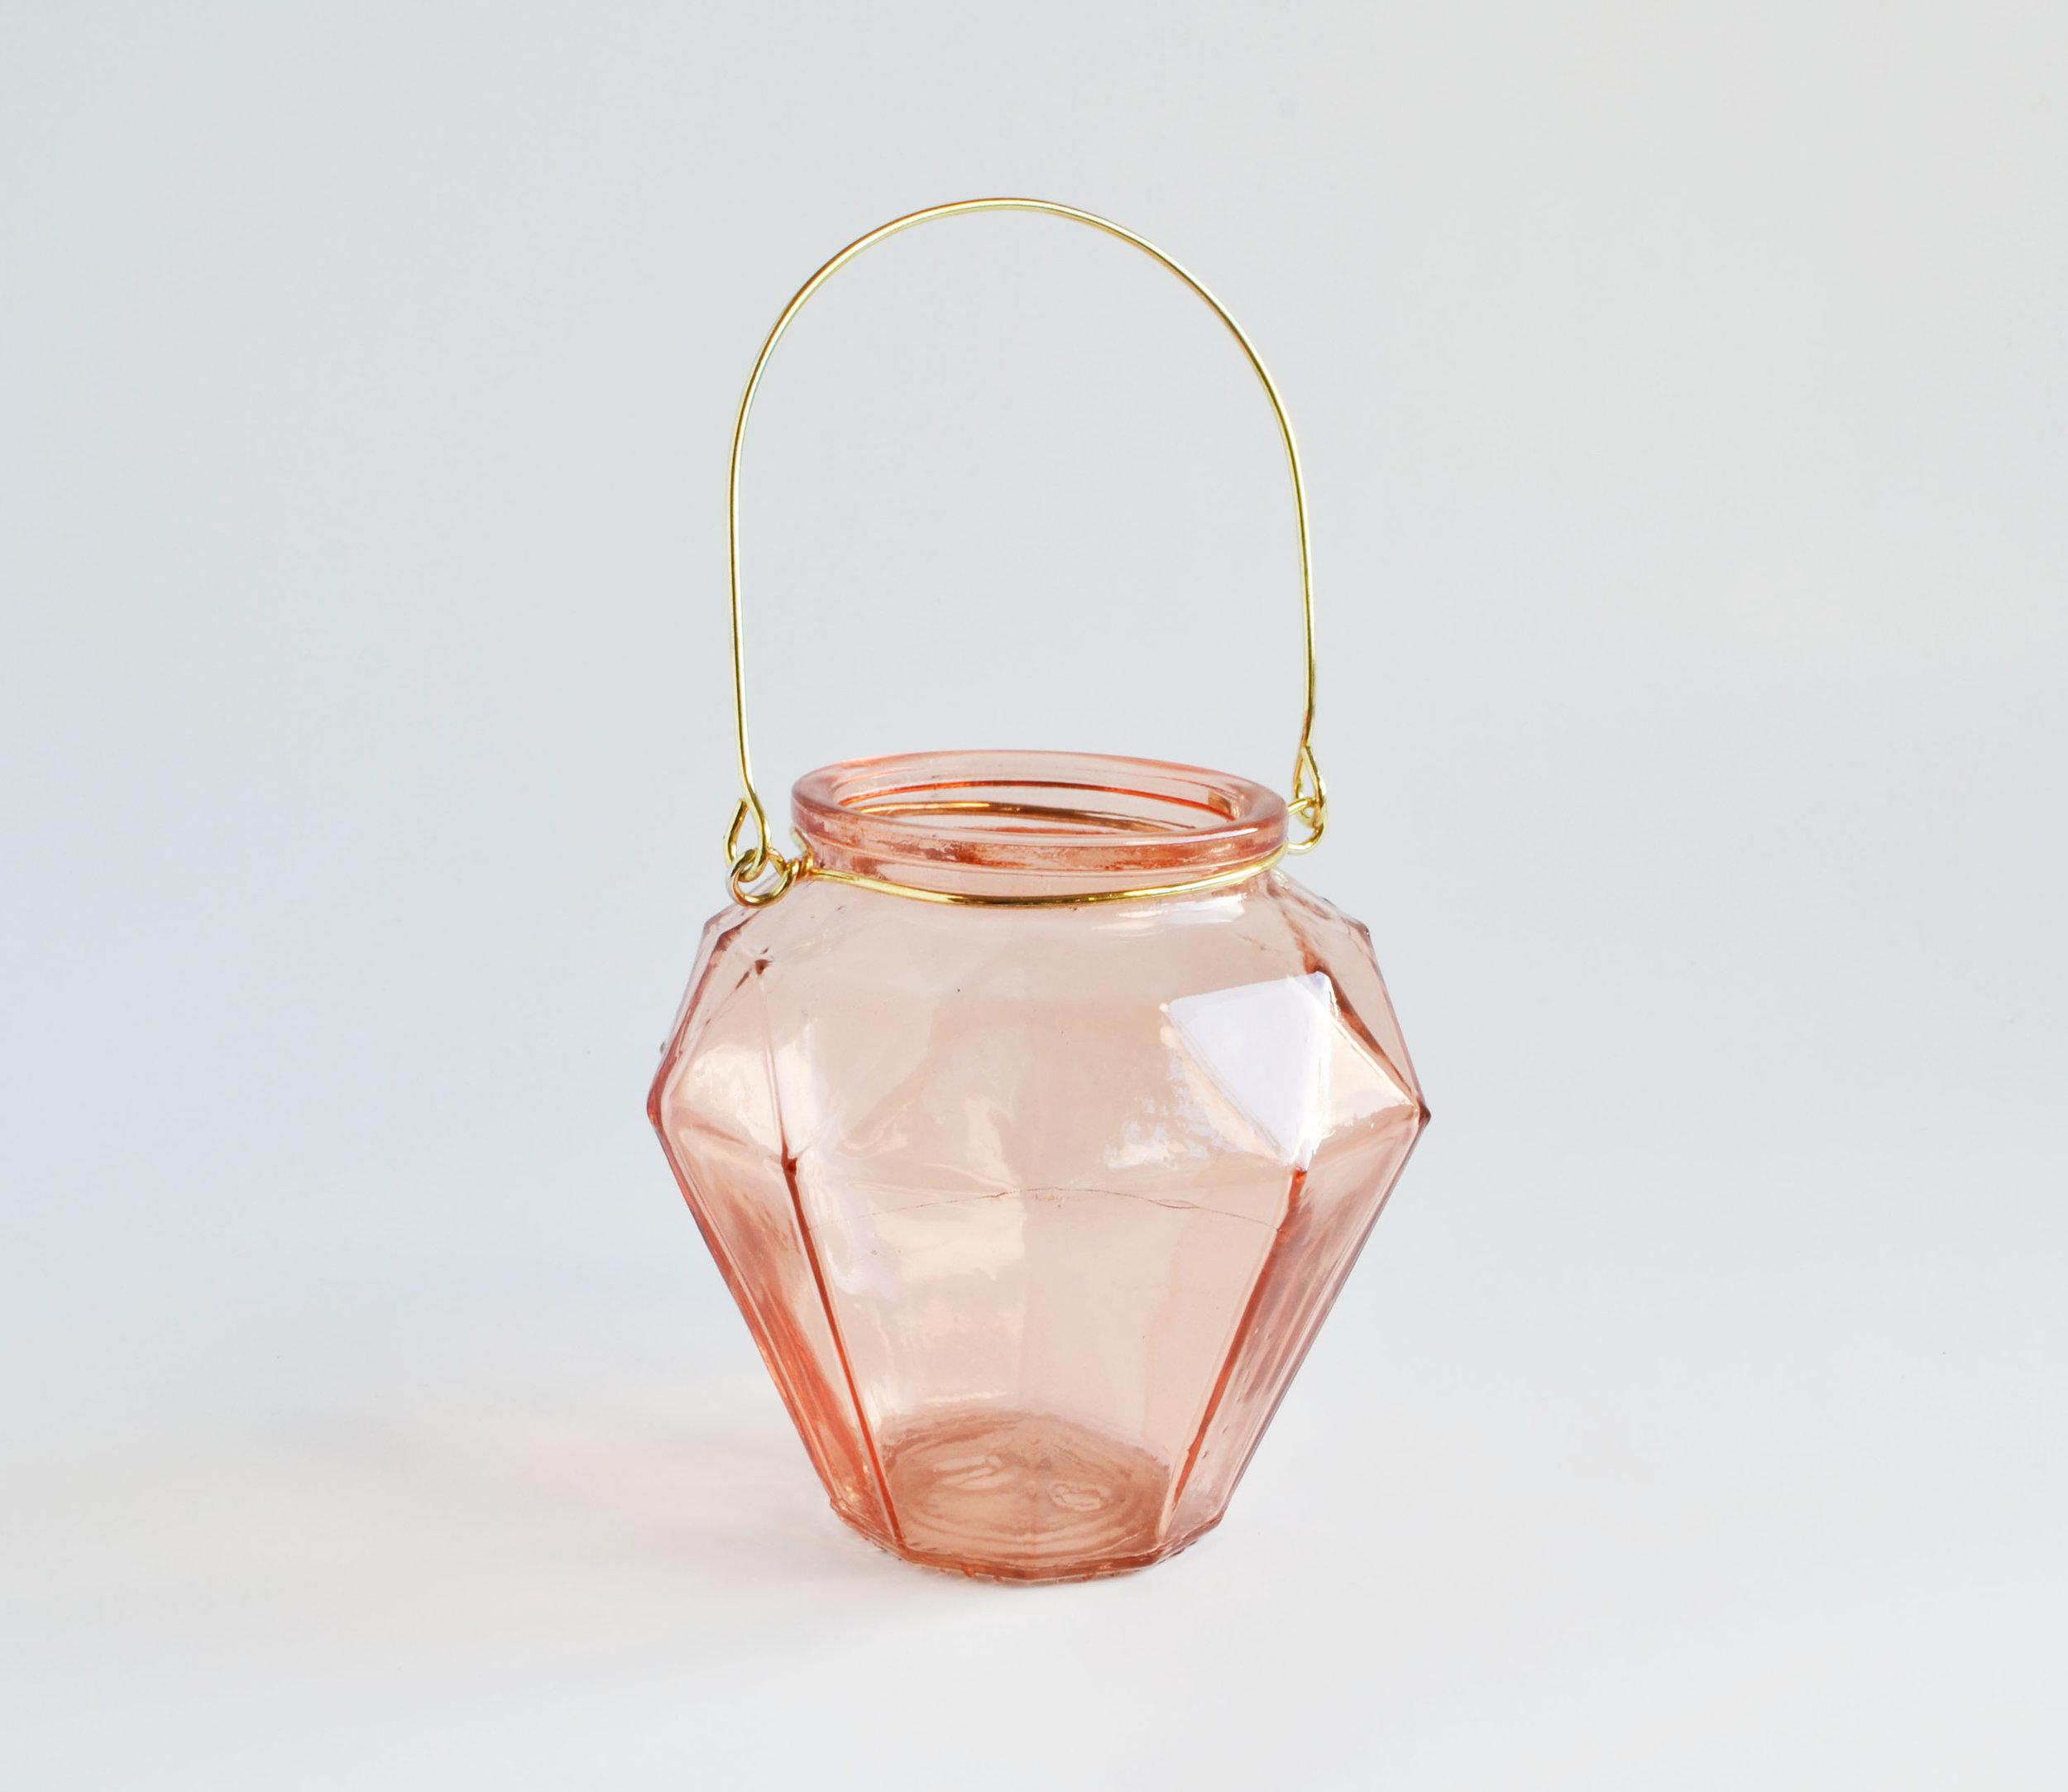 rose mini lantern   Quantity: 18  Price: $9.50